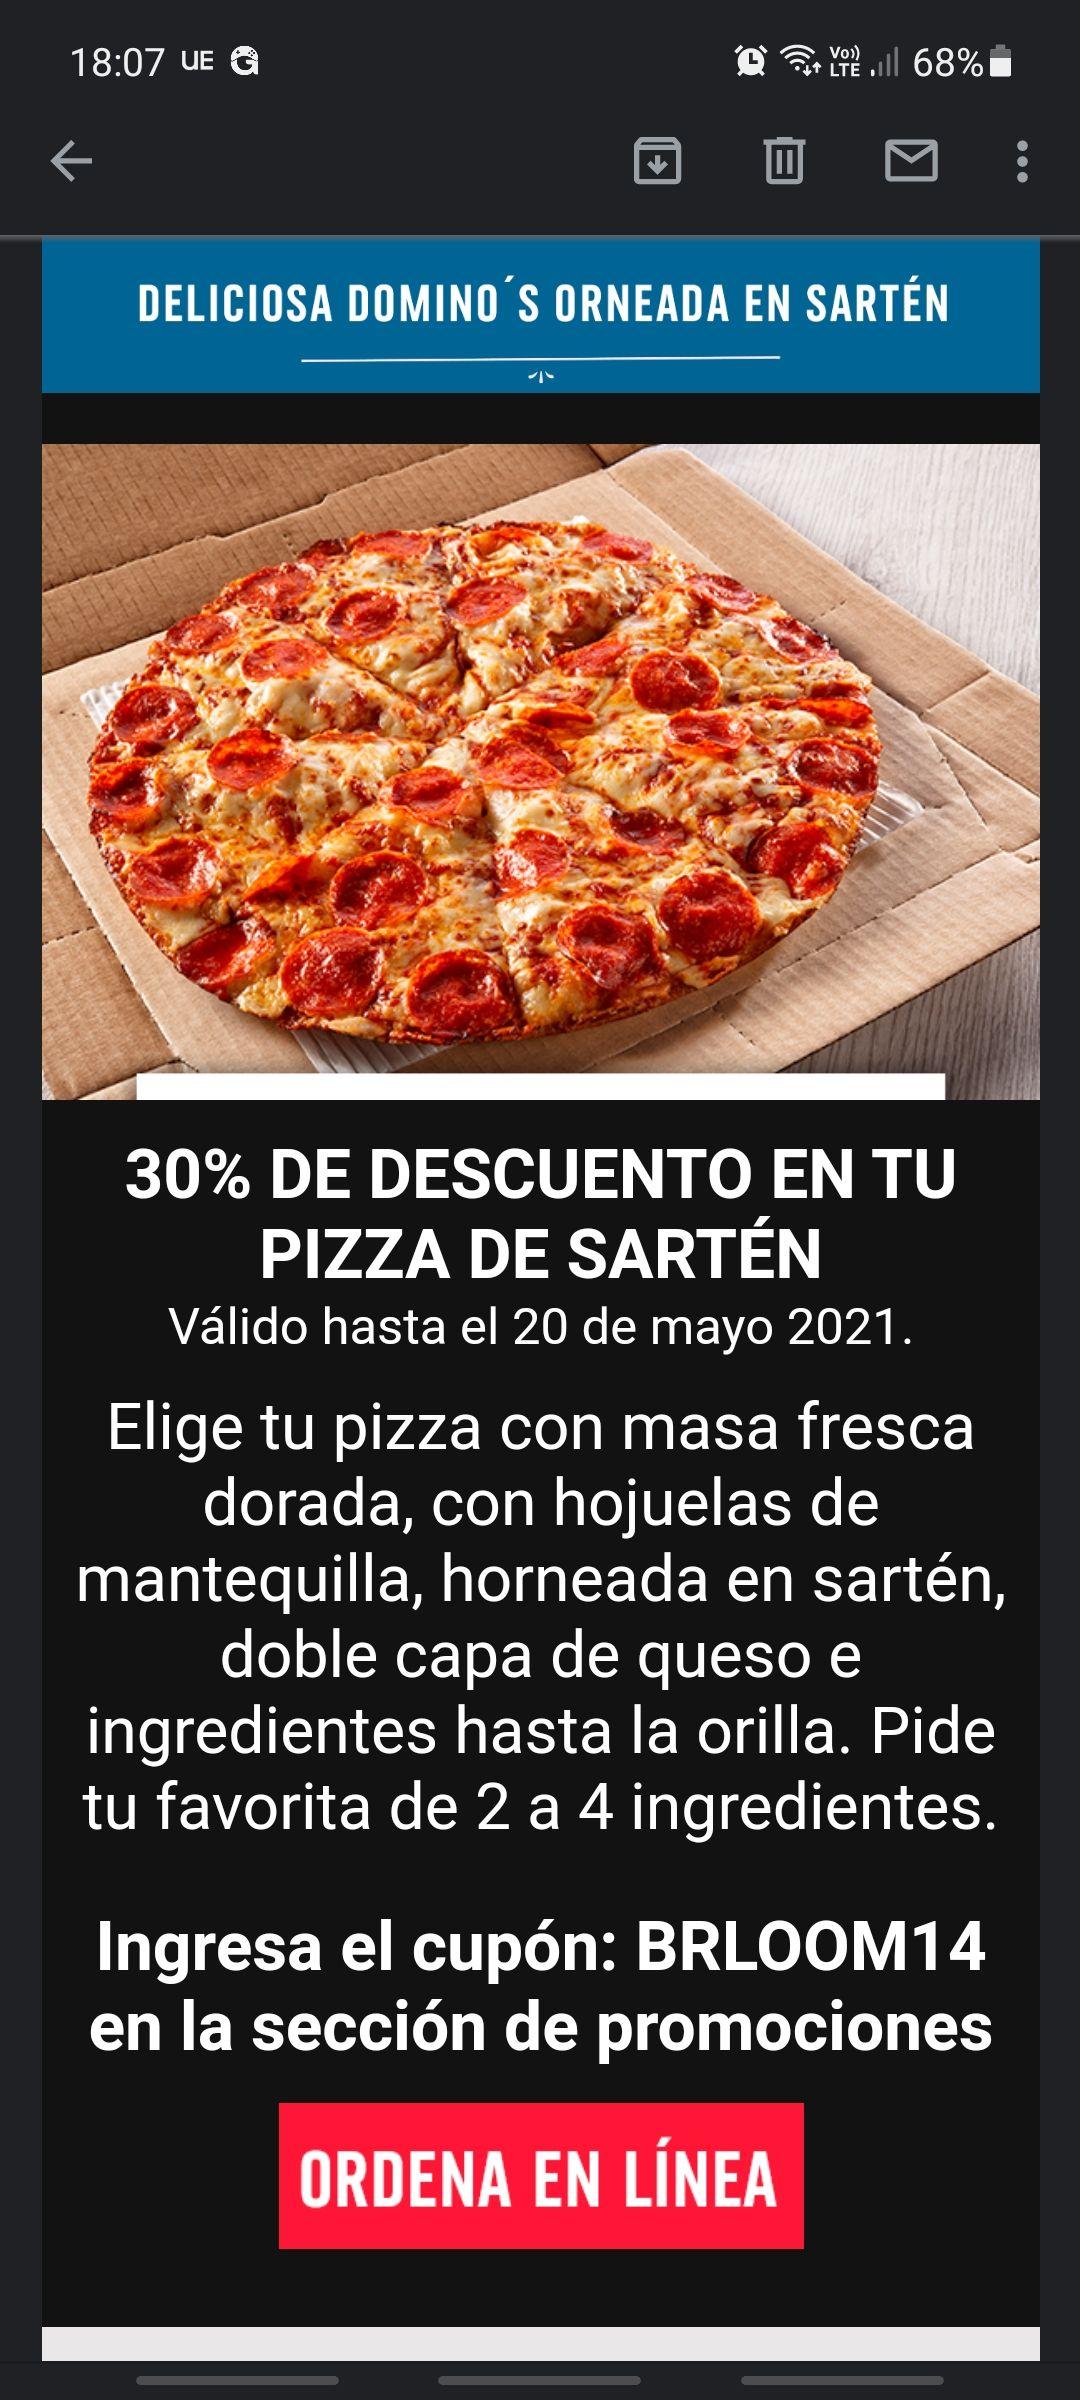 Domino's Pizza: 30% PIZZA SARTEN 2-4 INGREDIENTES